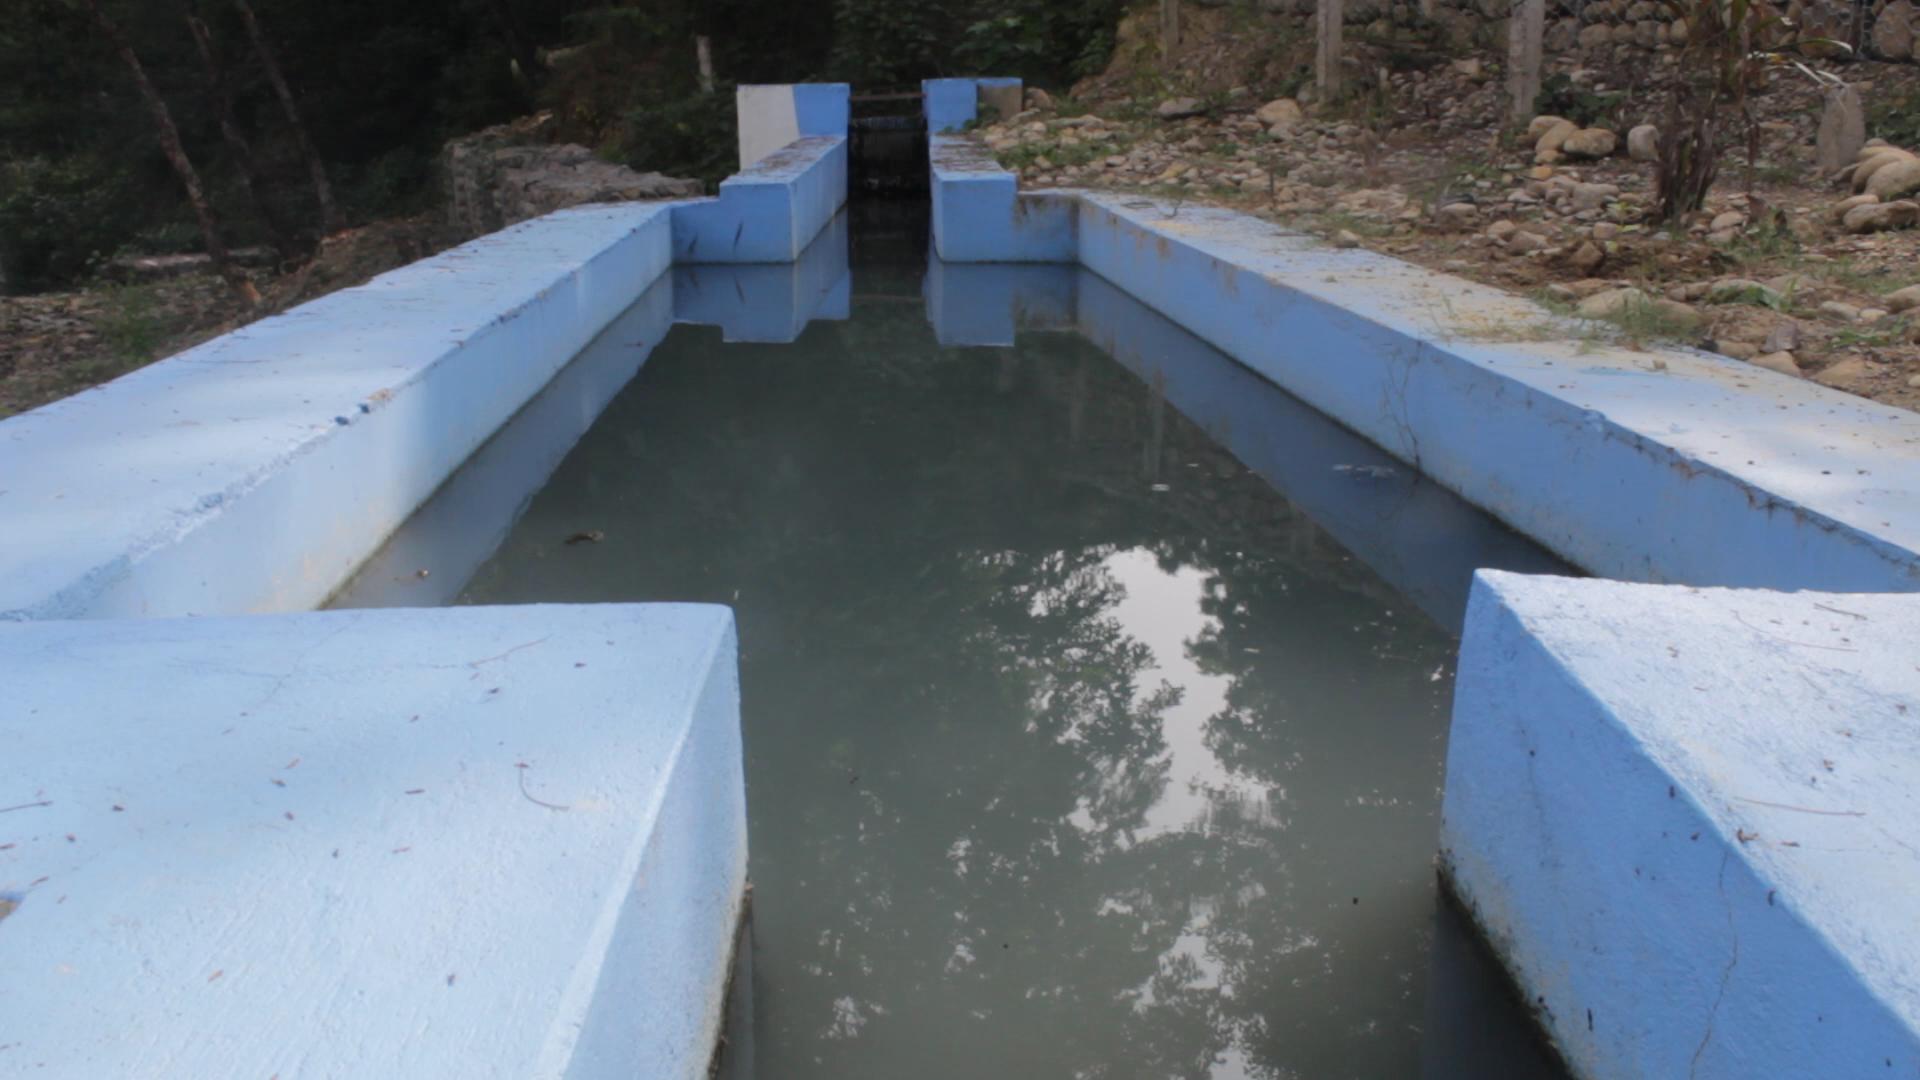 सैनामैनाको नमुना विधि : ढलको पानी प्रशोधनपछि खोलामा